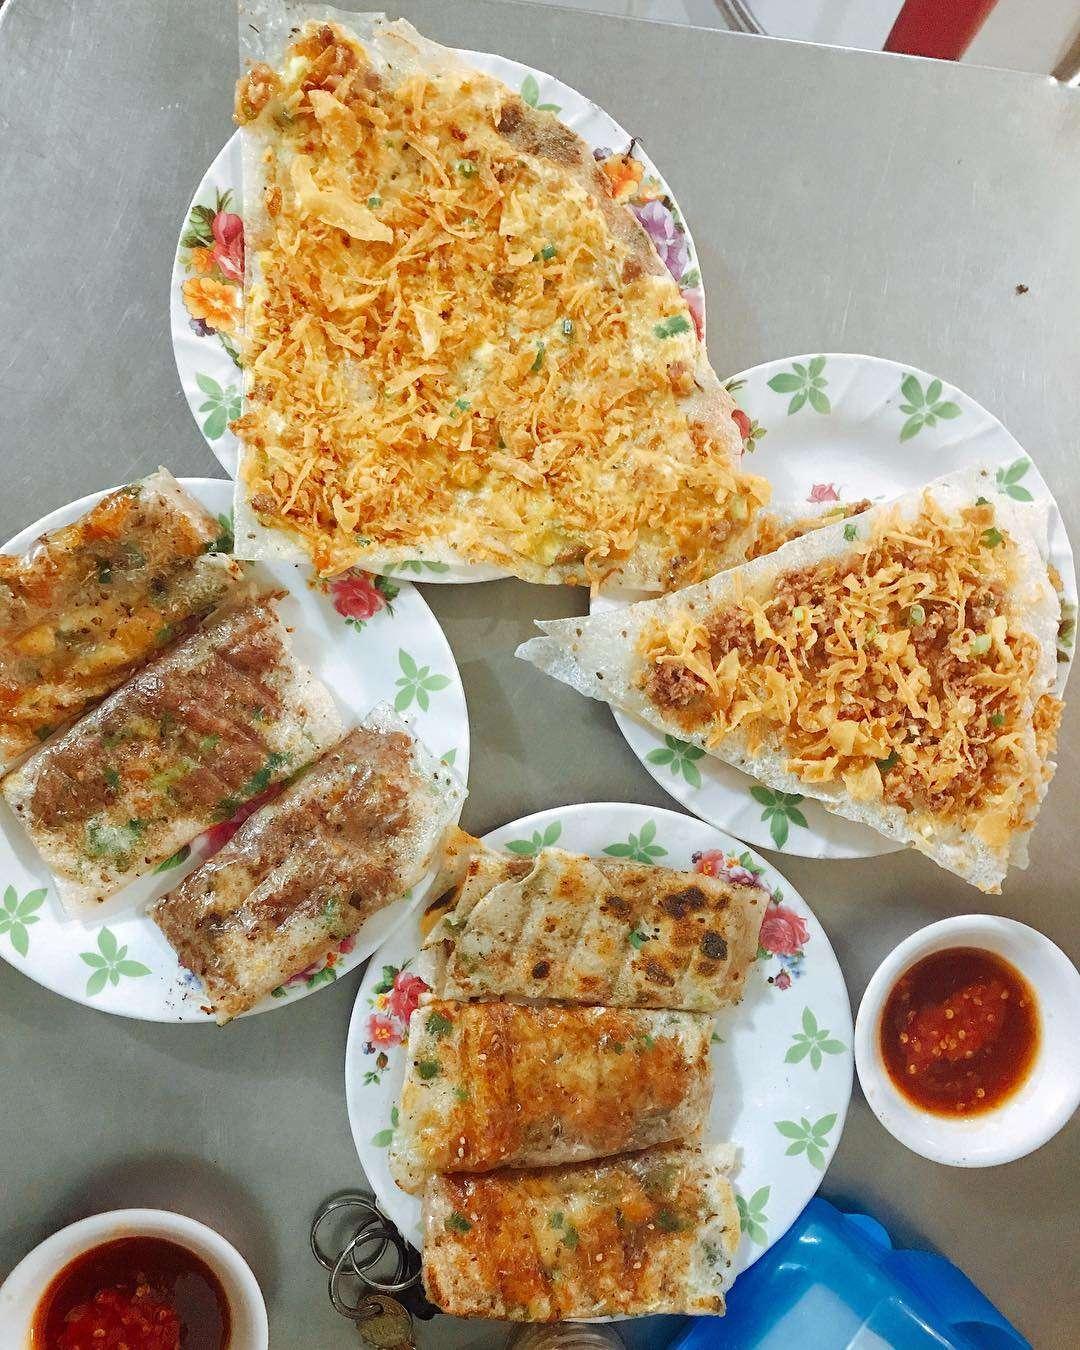 bánh tráng kẹp dì Hoa Đà Nẵng ngon tuyệt vời